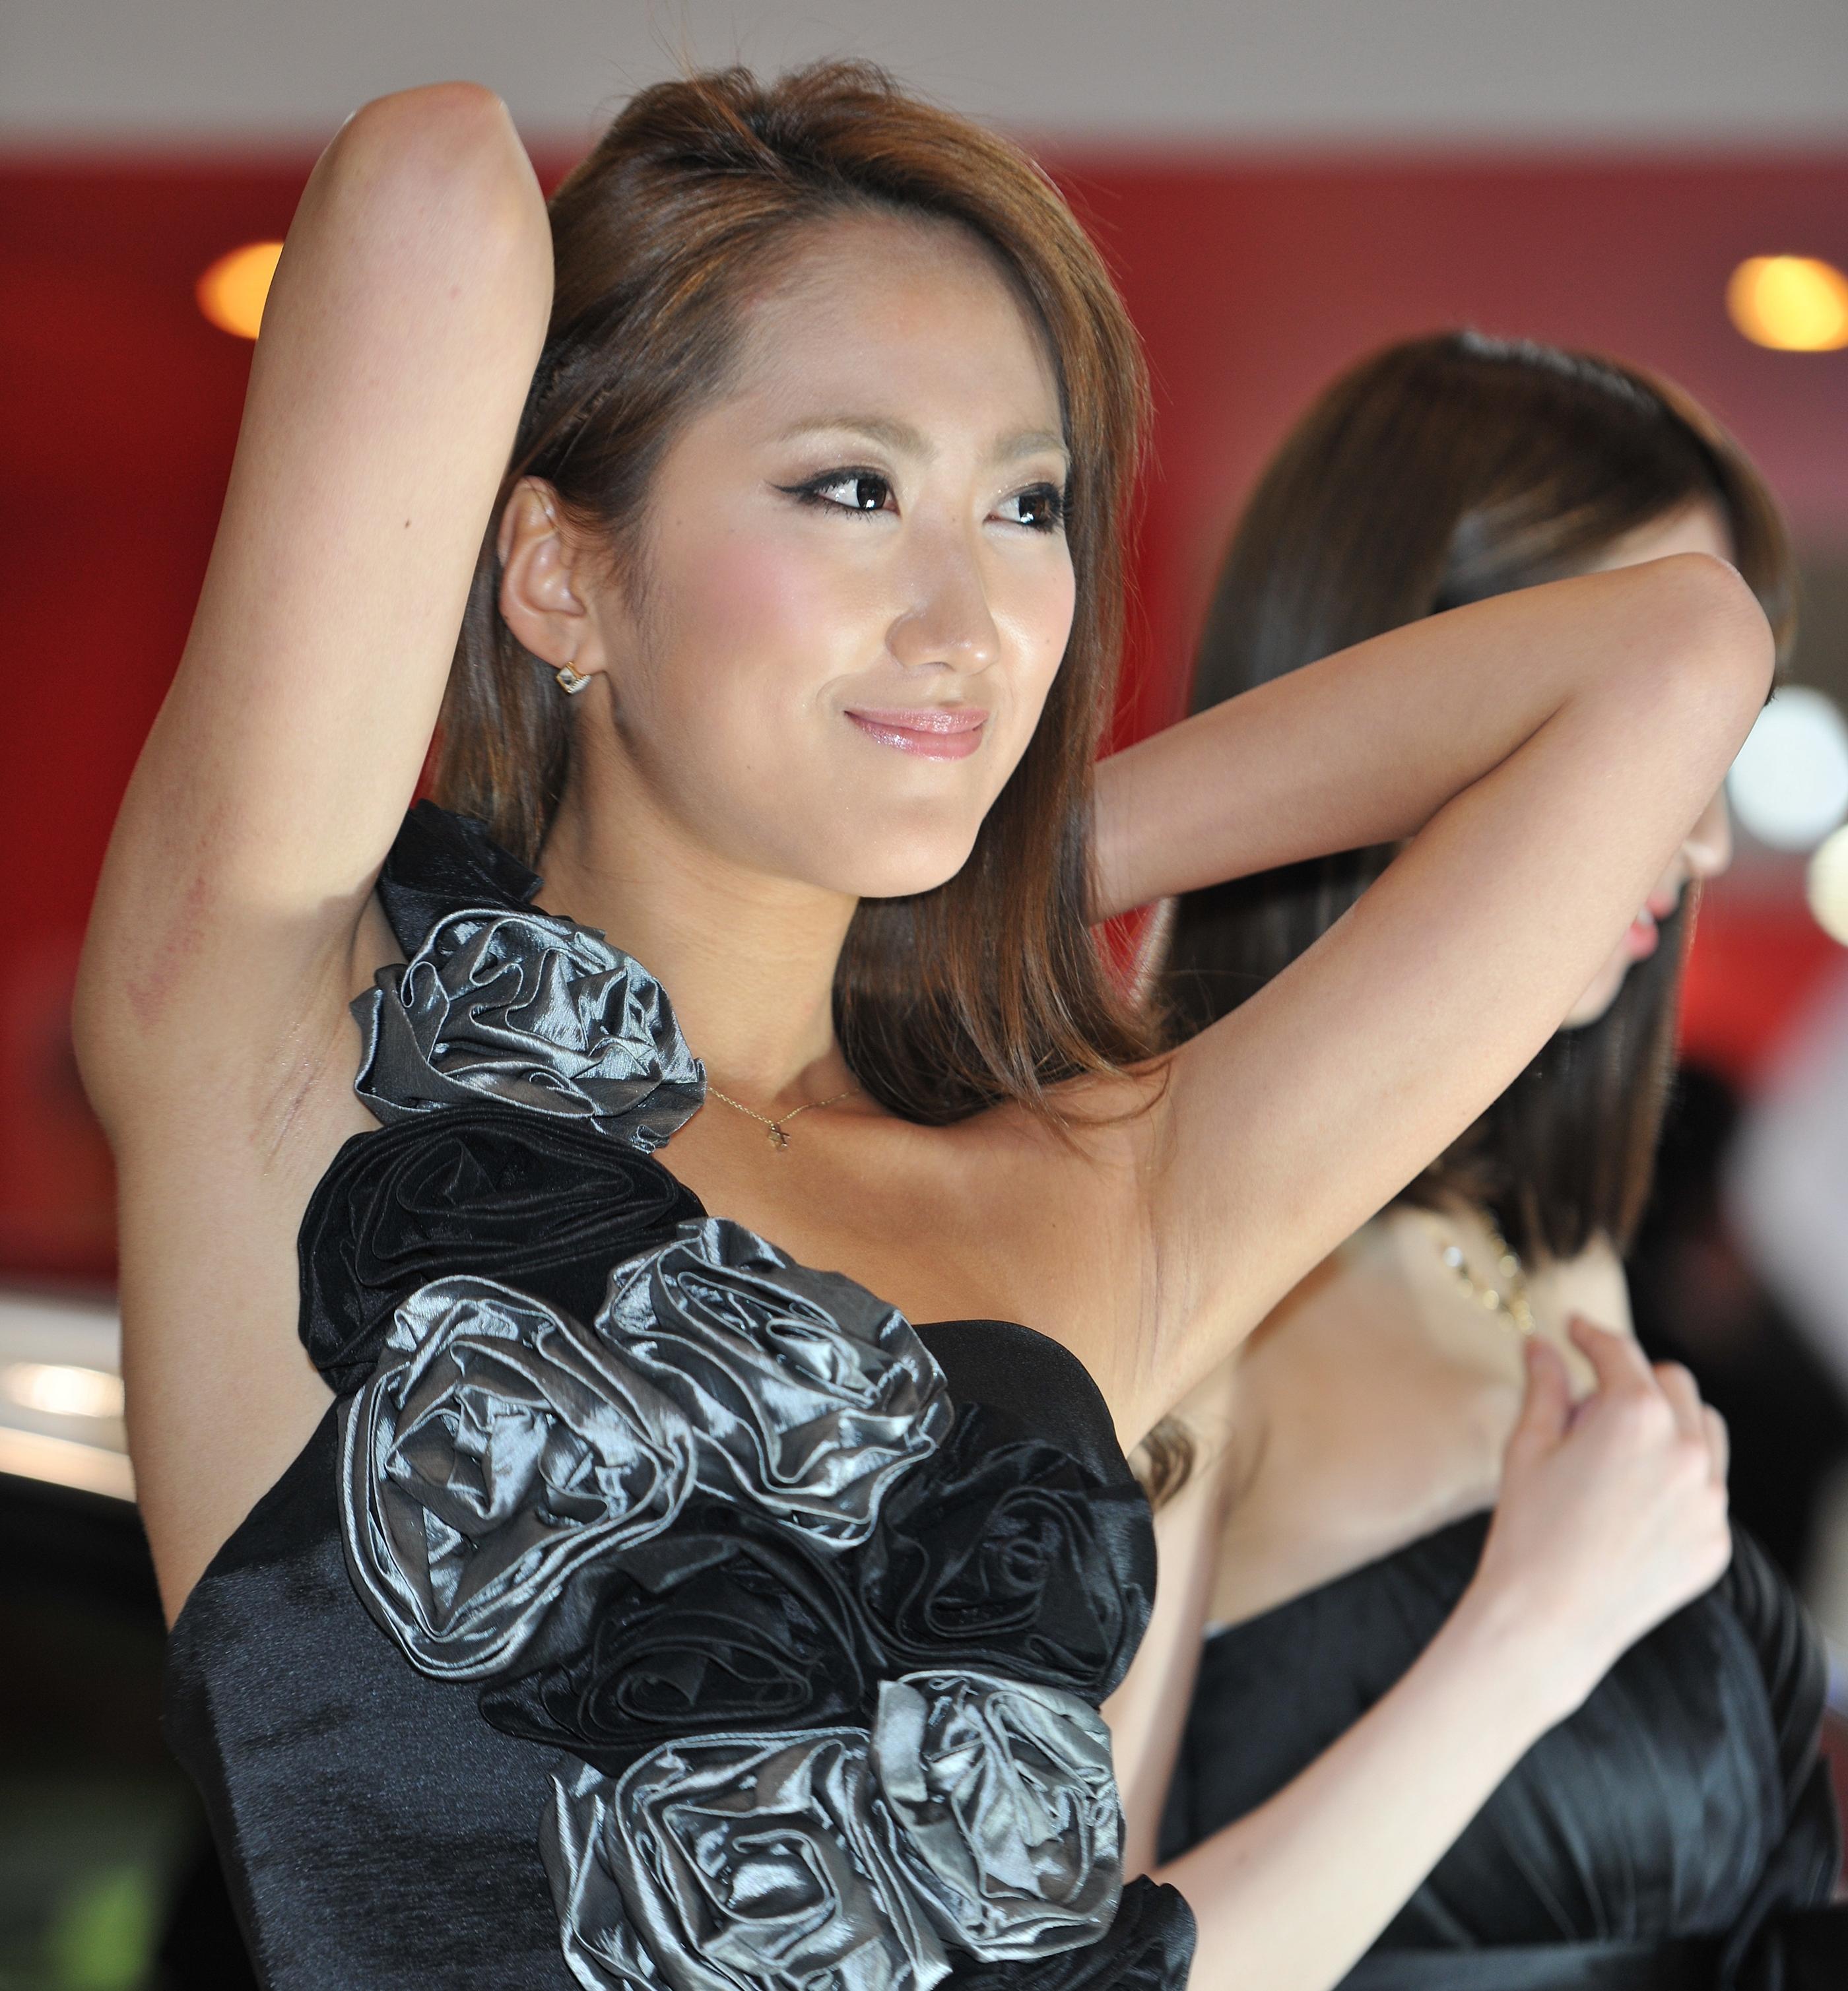 イベコン美女の両腋見せ (1)